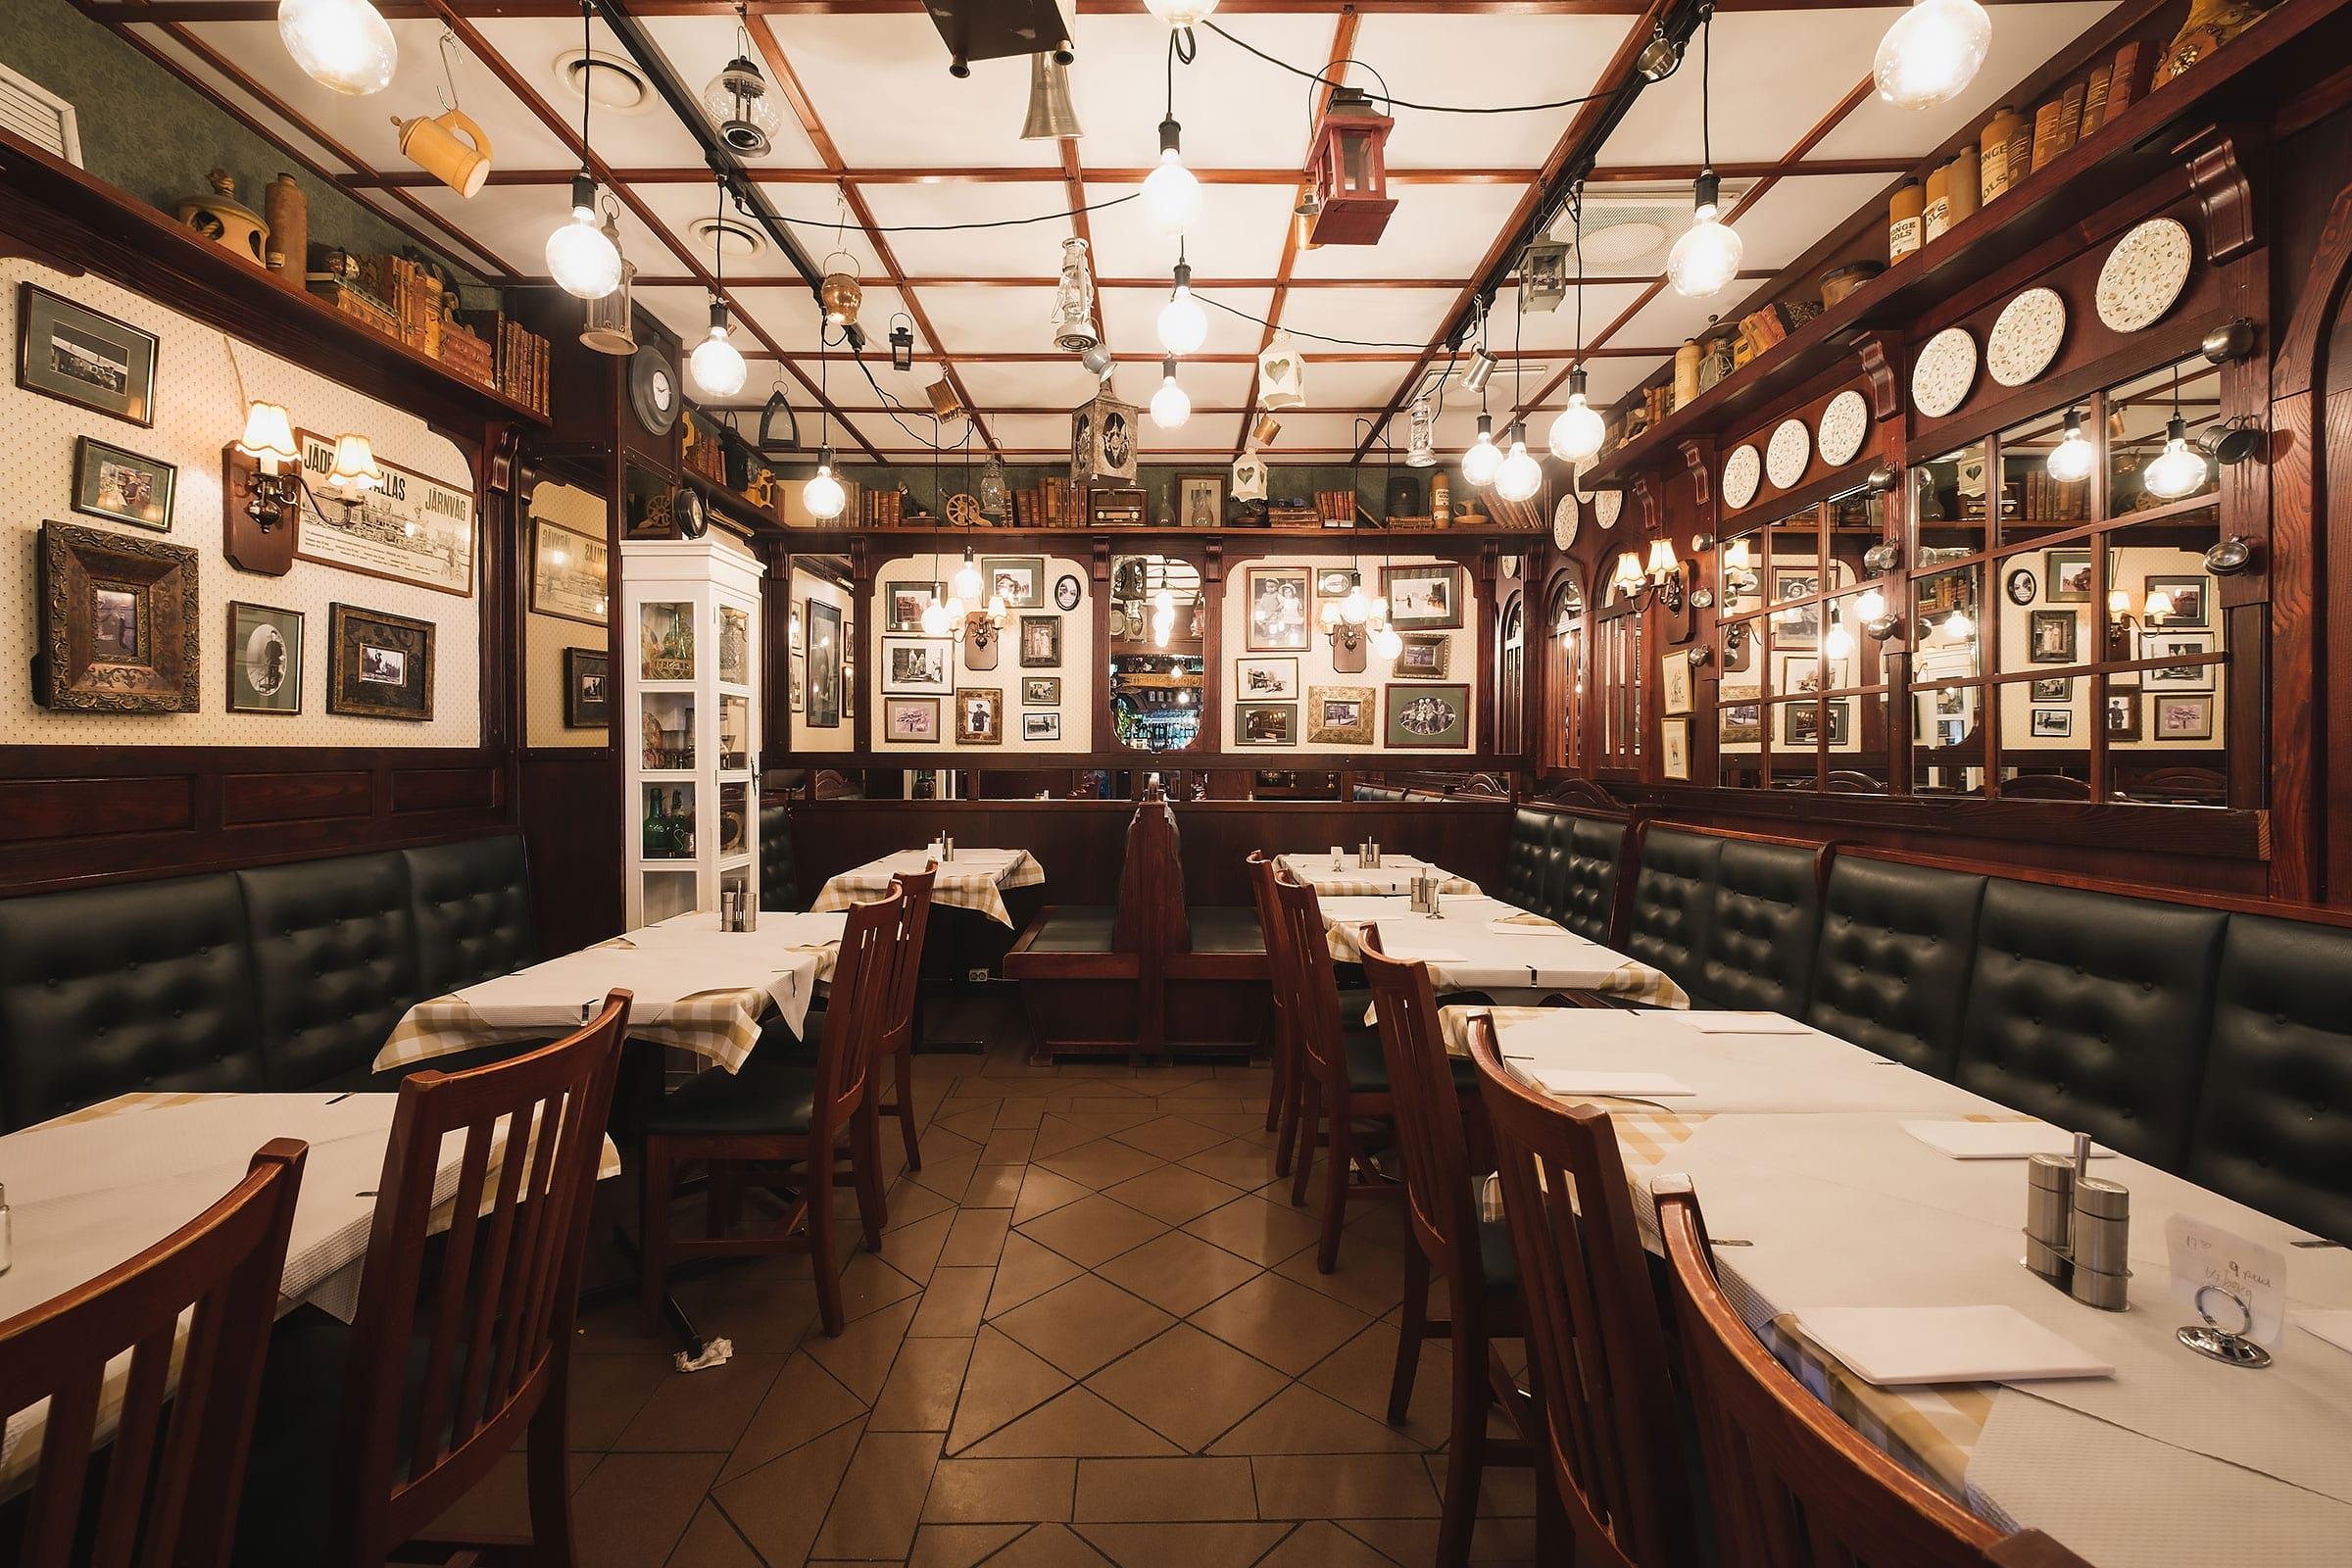 bosnisk restaurang stockholm